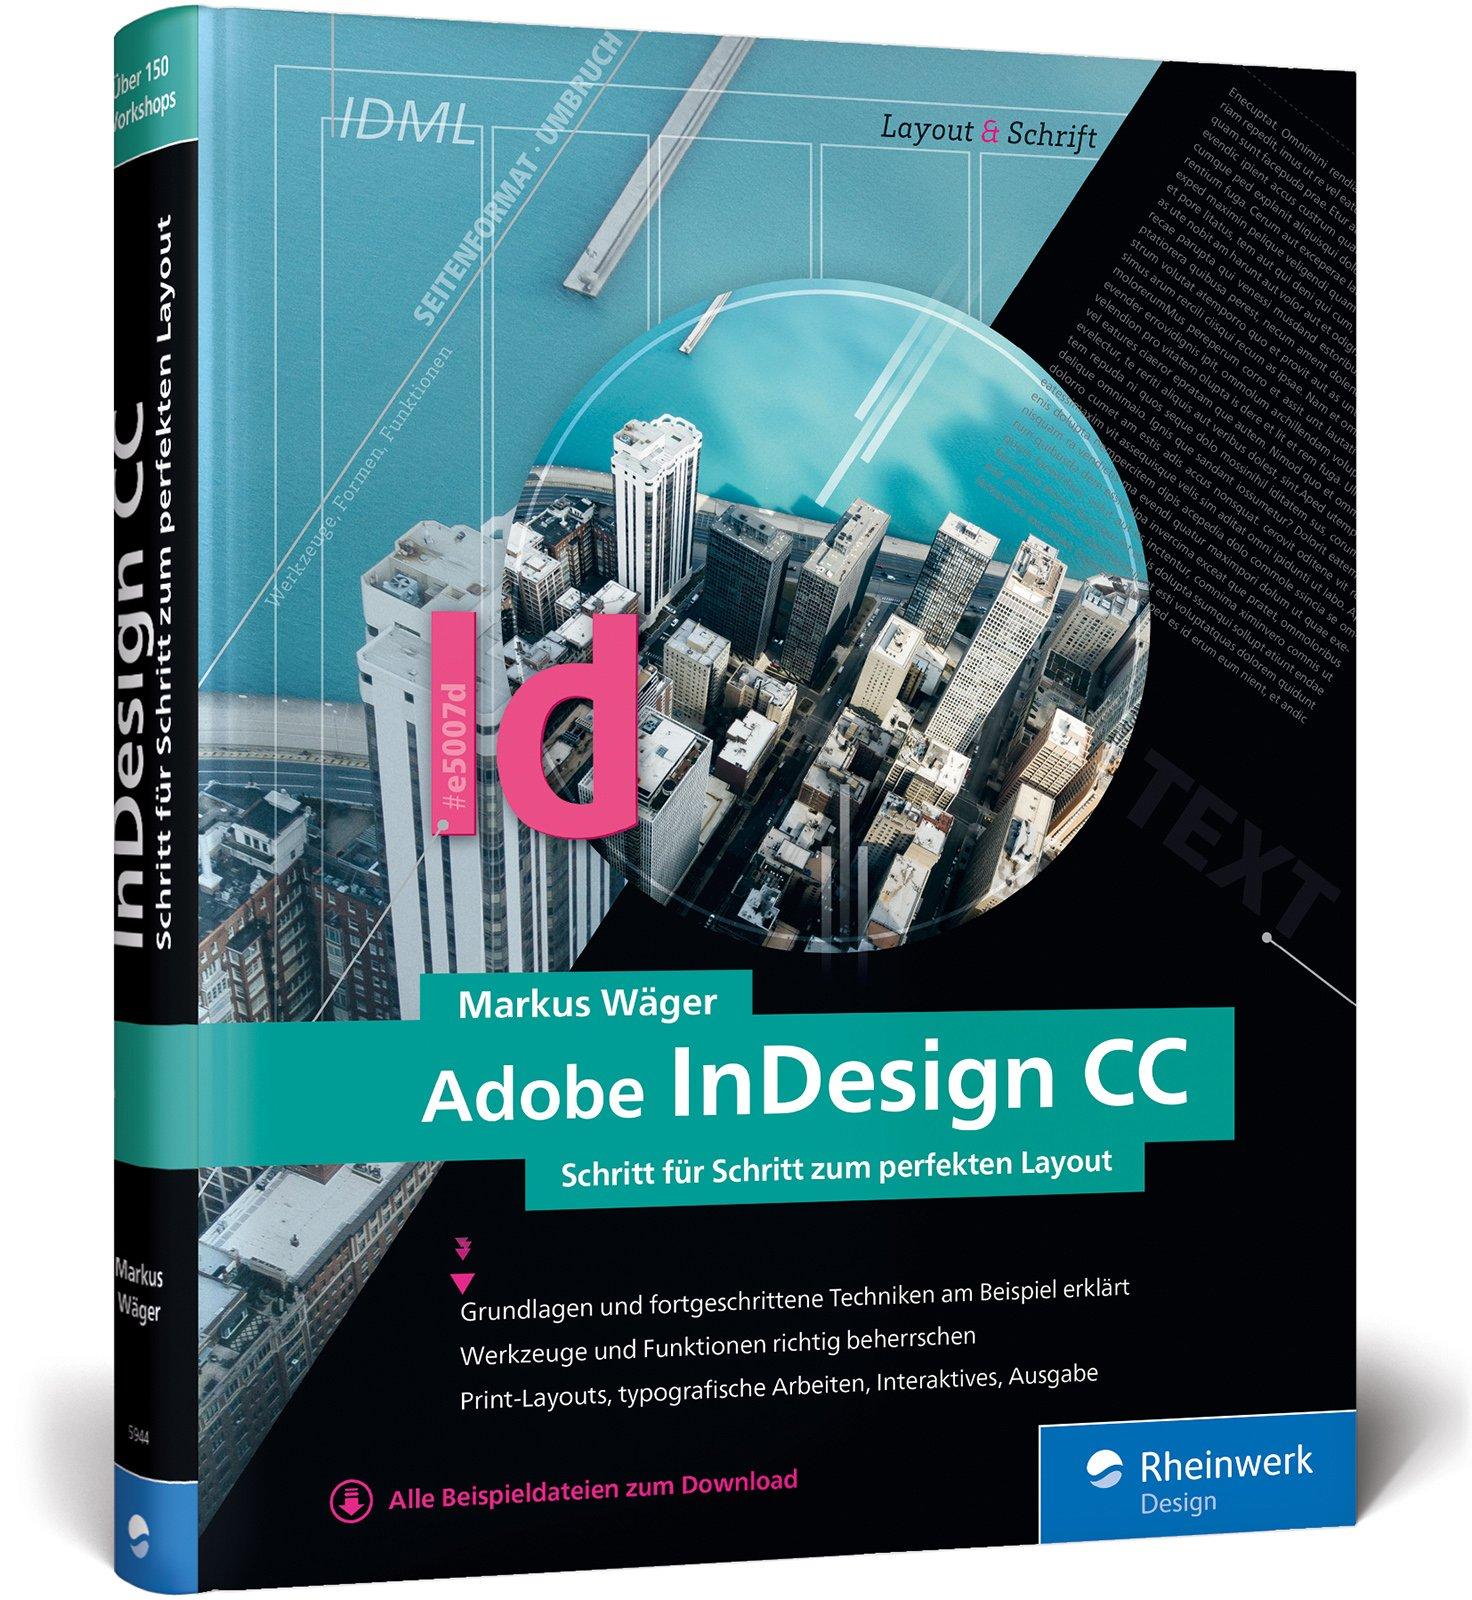 Adobe InDesign CC: Schritt für Schritt zum perfekten Layout: Amazon.de:  Markus Wäger: Bücher